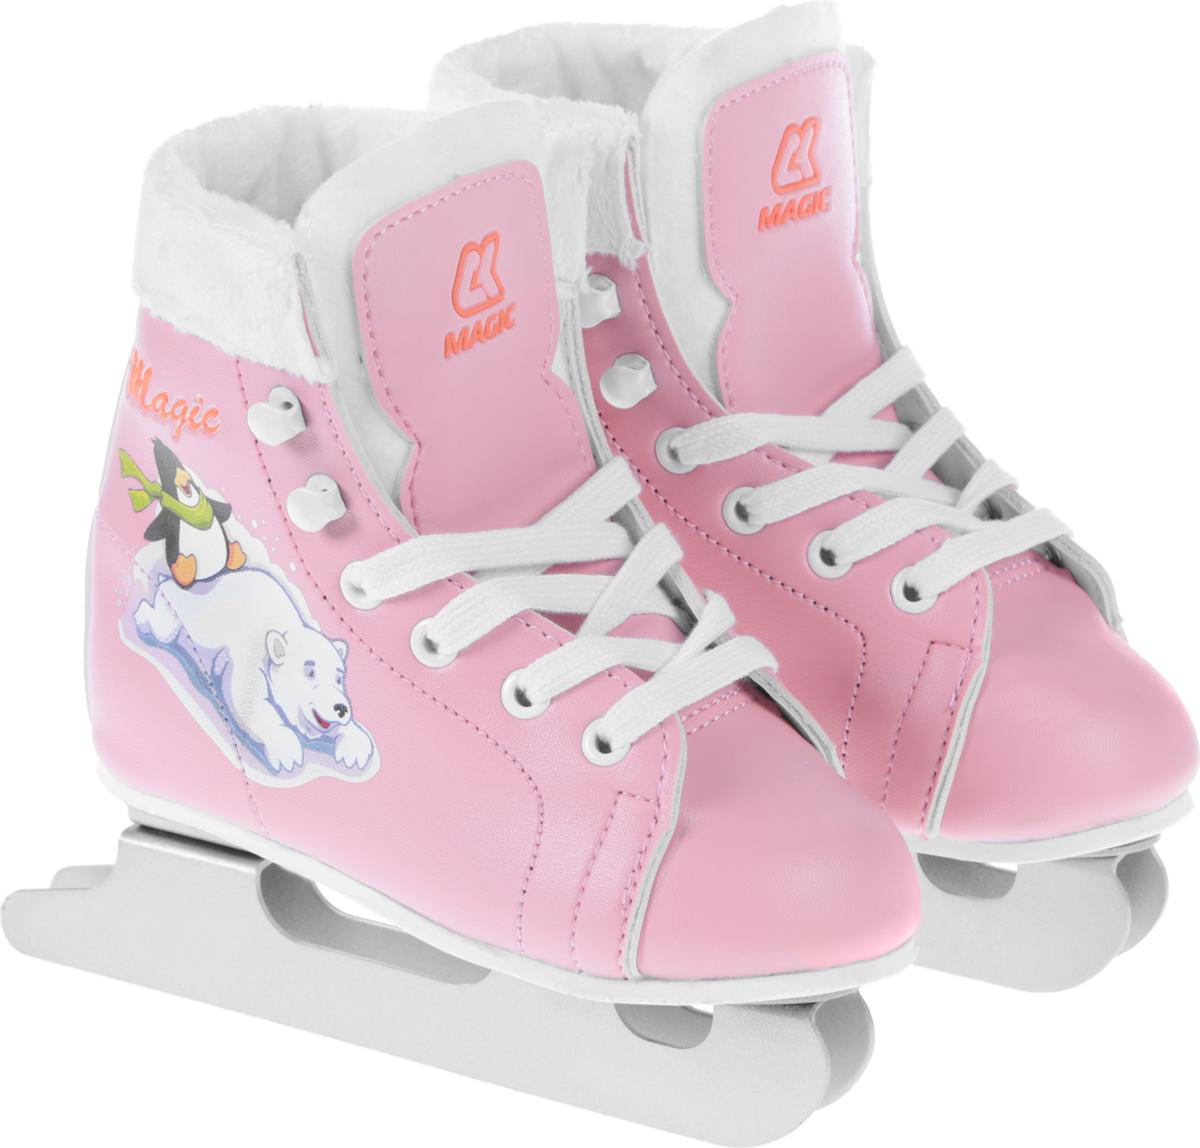 Коньки фигурные для девочки СК Magic, цвет: розовый. Размер 27 коньки фигурные для девочки ck ladies velvet classic цвет белый голубой серебряный размер 27